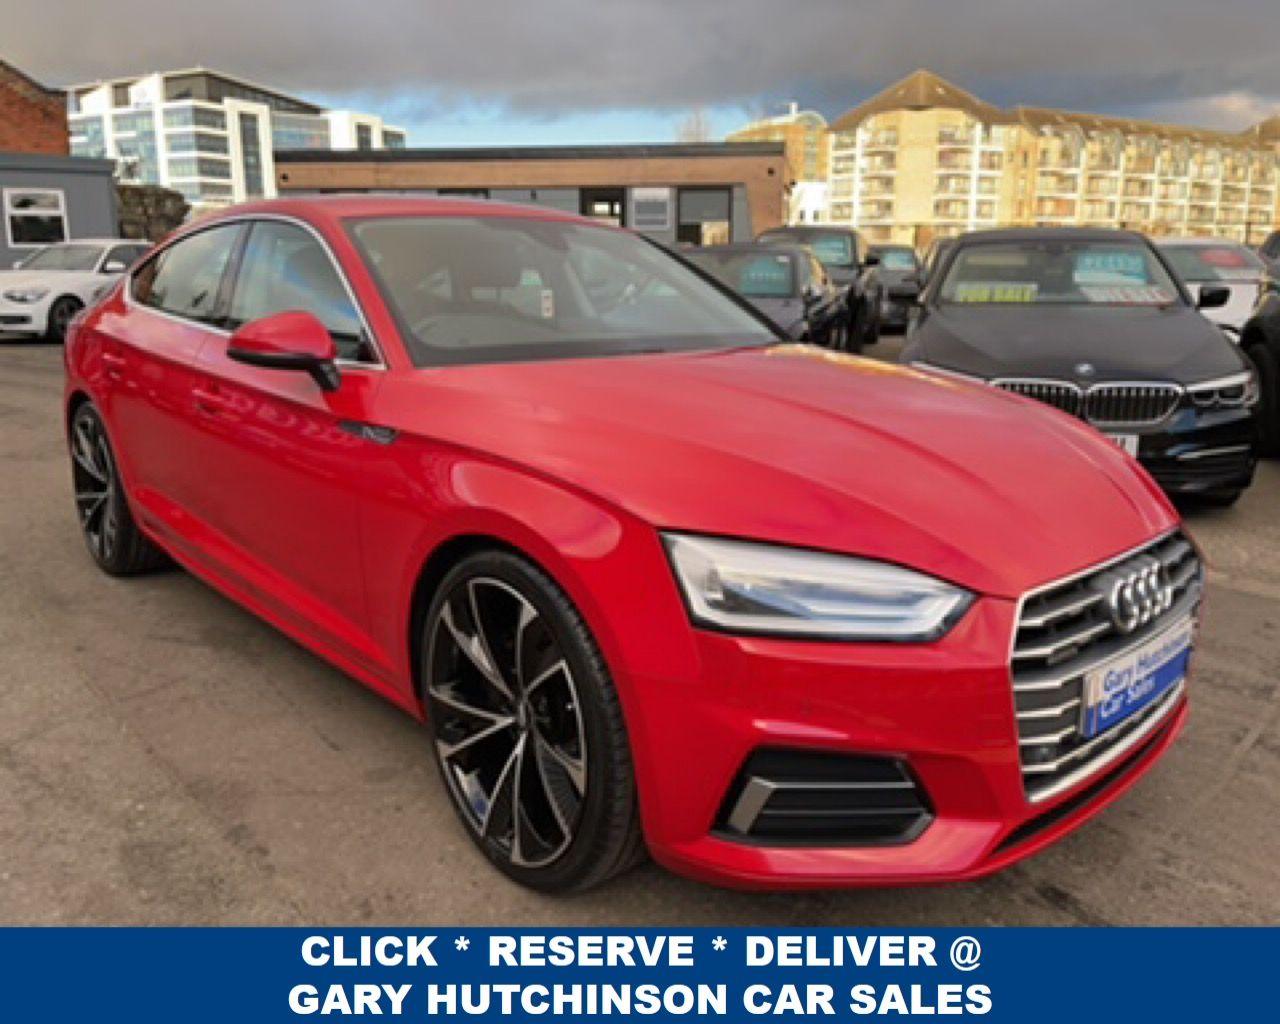 2017 Audi A5 3.0 TDI QUATTRO  SPORTBACK SPORT Diesel Semi Auto  – Gary Hutchinson Car Sales Belfast